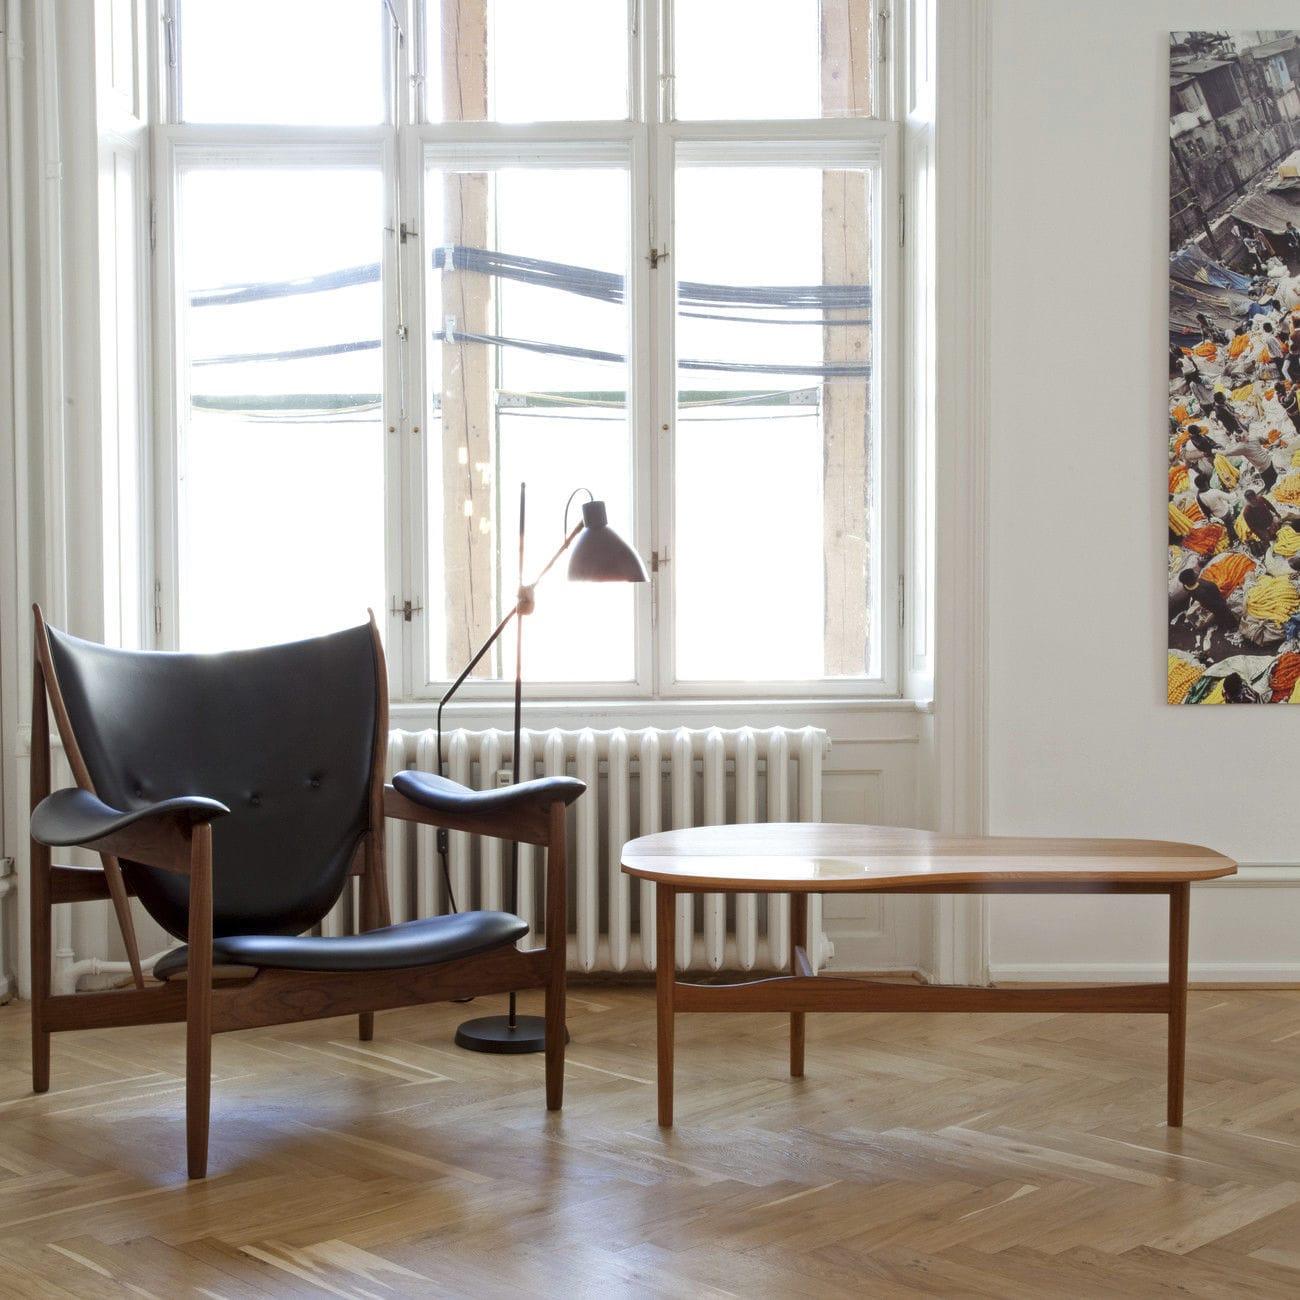 Couchtisch / Skandinavisches Design / Nussbaum / Aus Teakholz / Aus Kiefer    BUTTERFLY